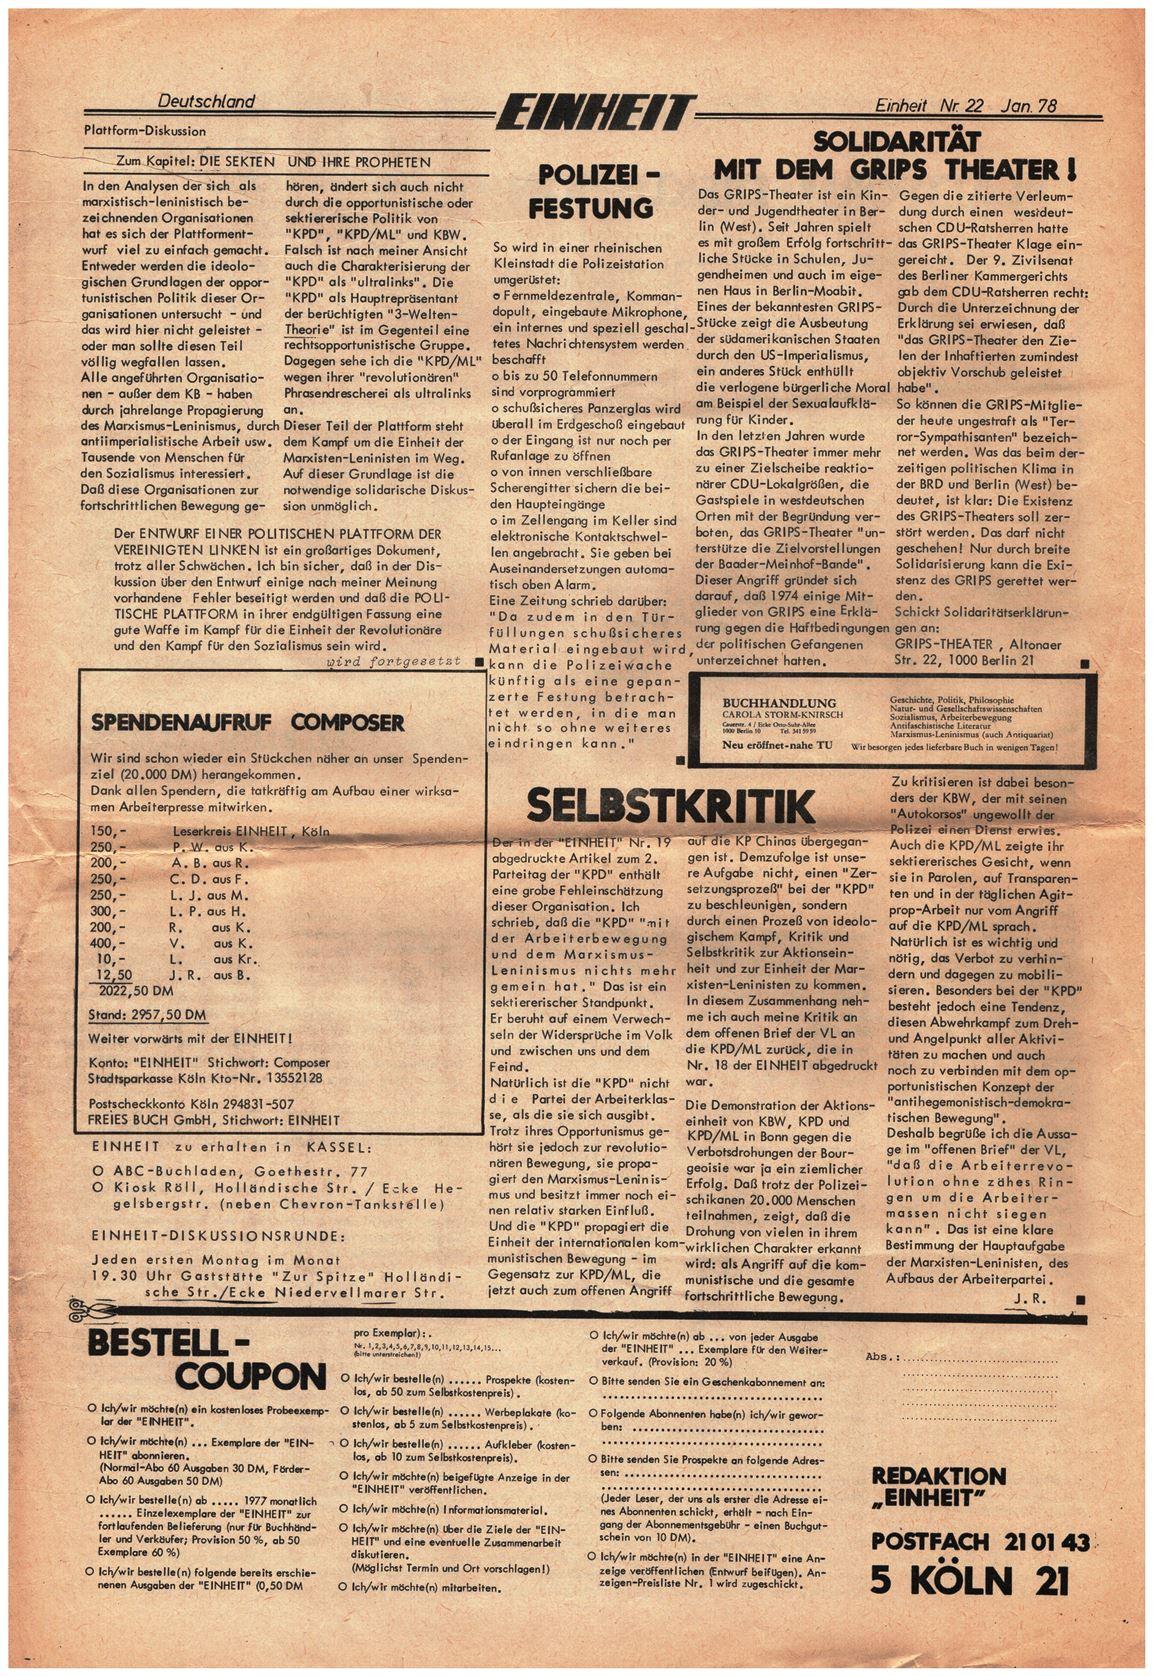 Koeln_IPdA_Einheit_1978_022_004